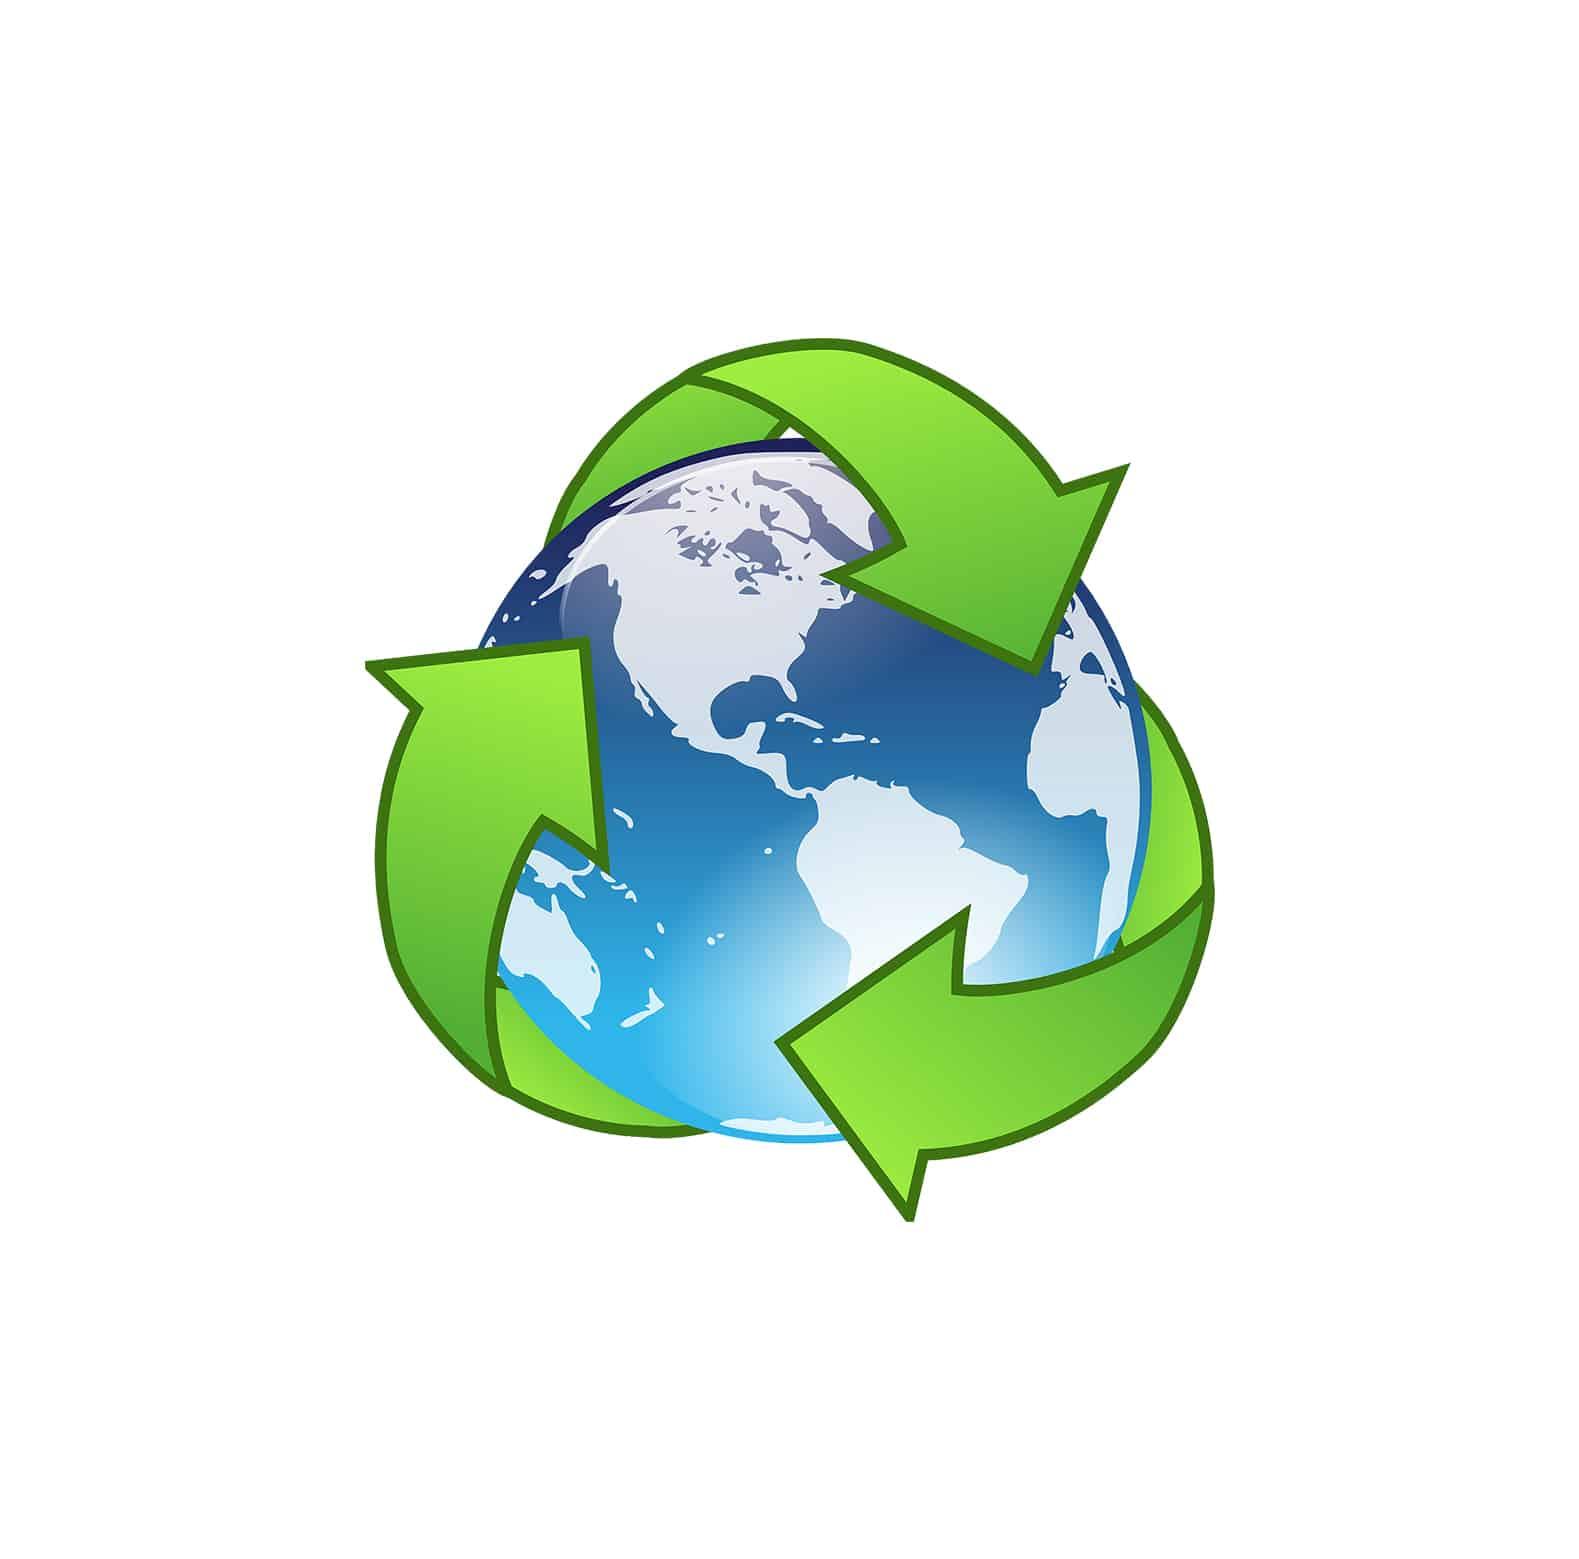 RIVOLUZIONE GREEN: Le aziende ecosostenibili sono il futuro